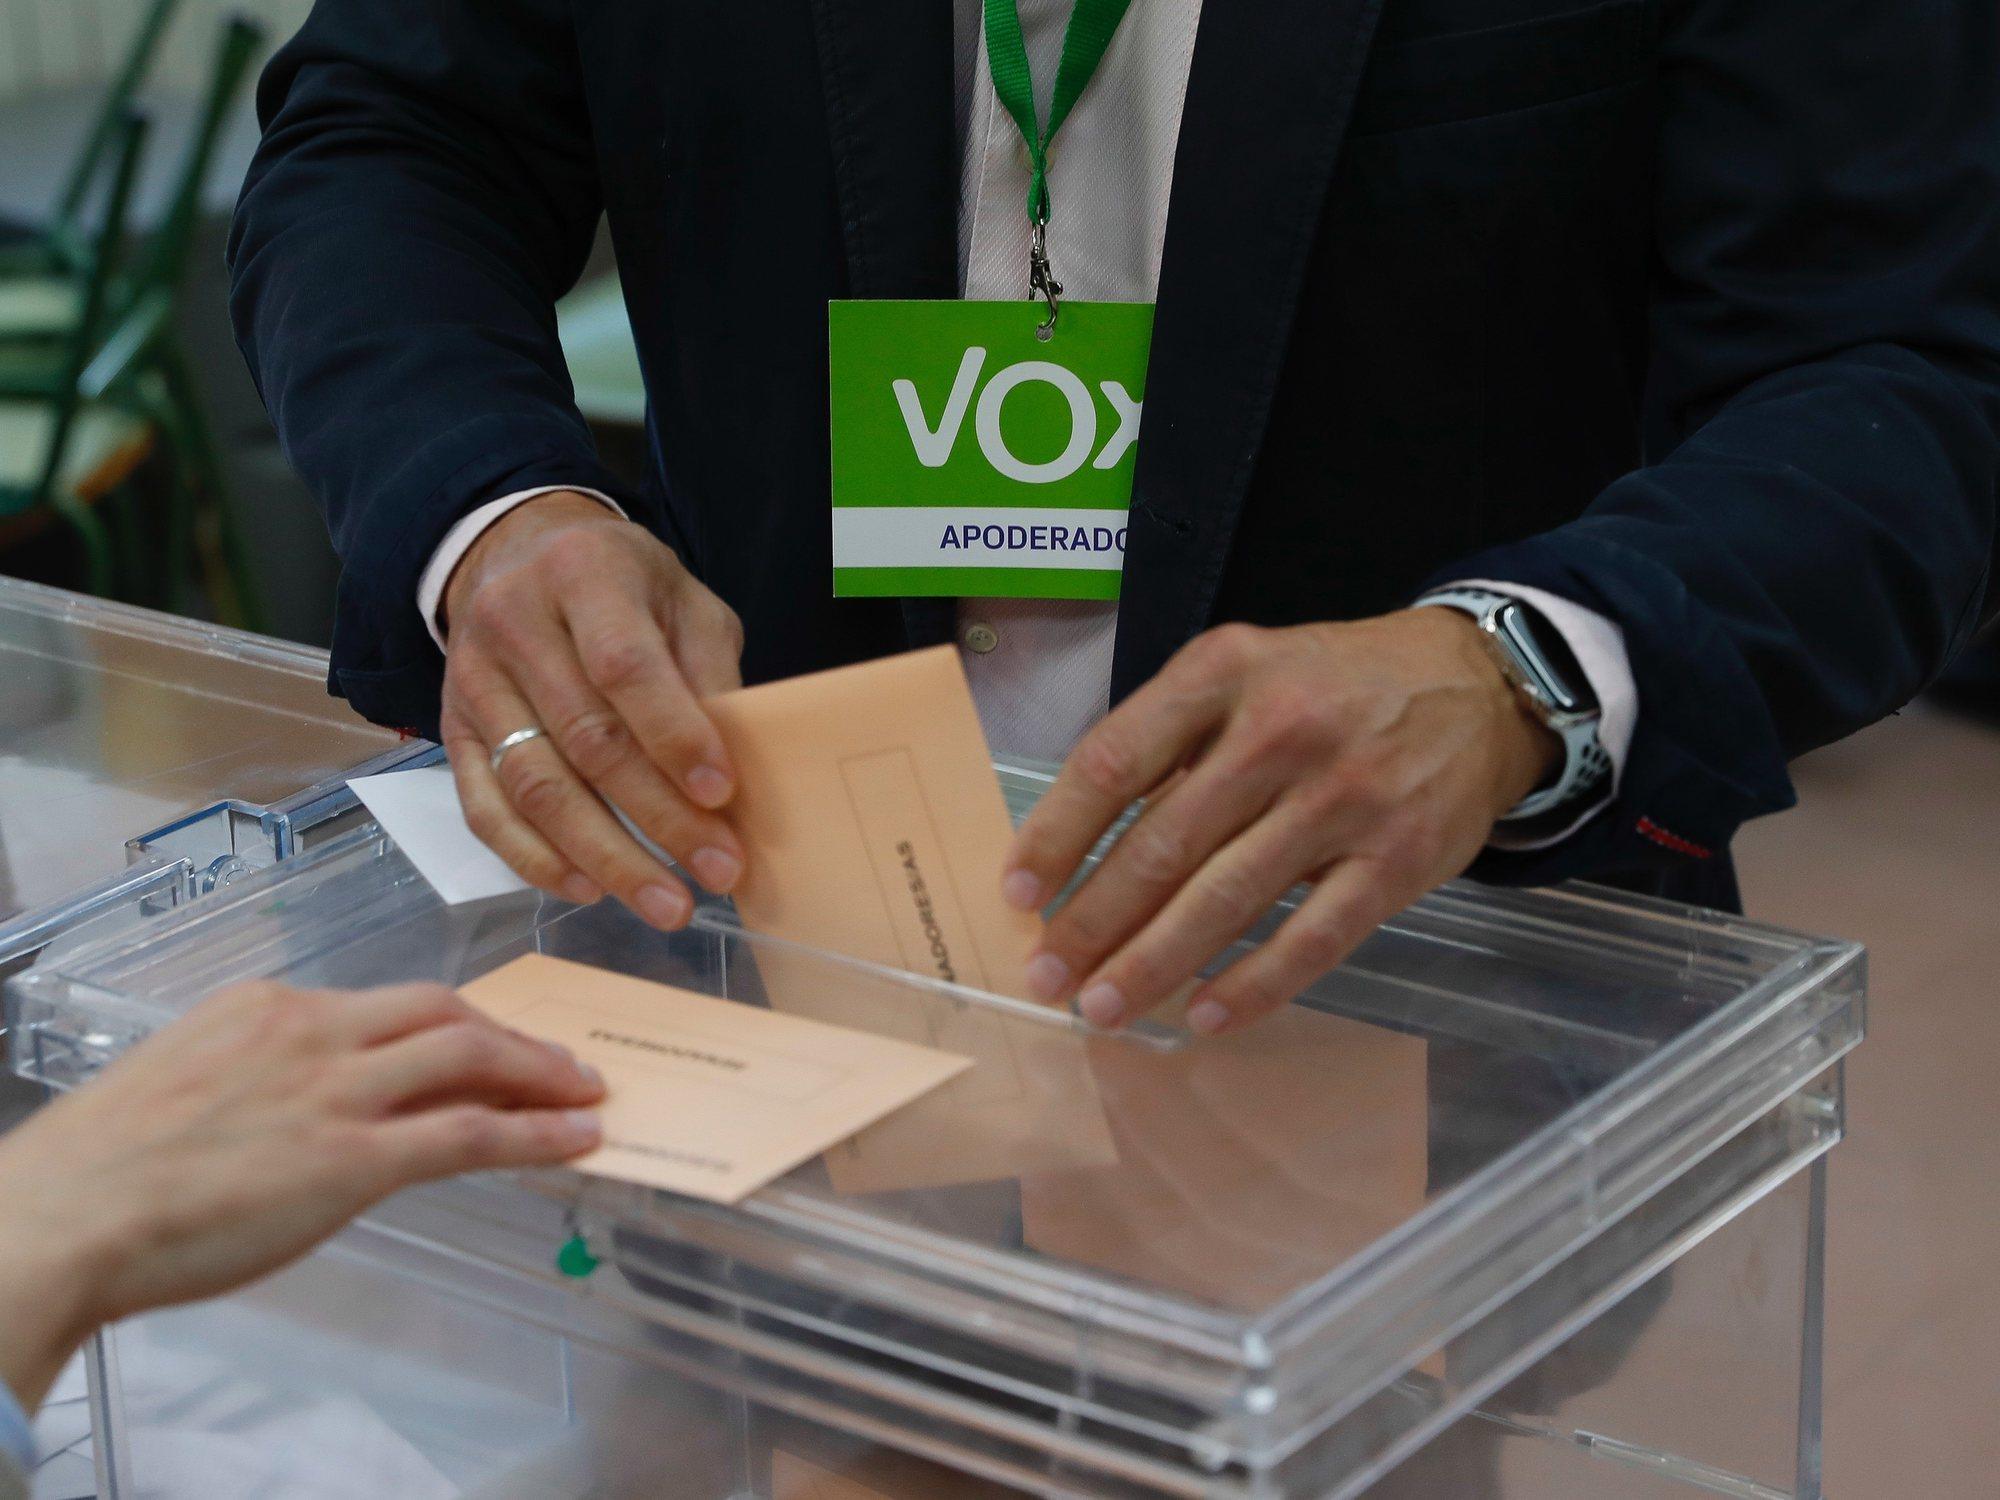 Una mujer denuncia ante la Junta que su voto por correo llegó con las casillas de VOX marcadas